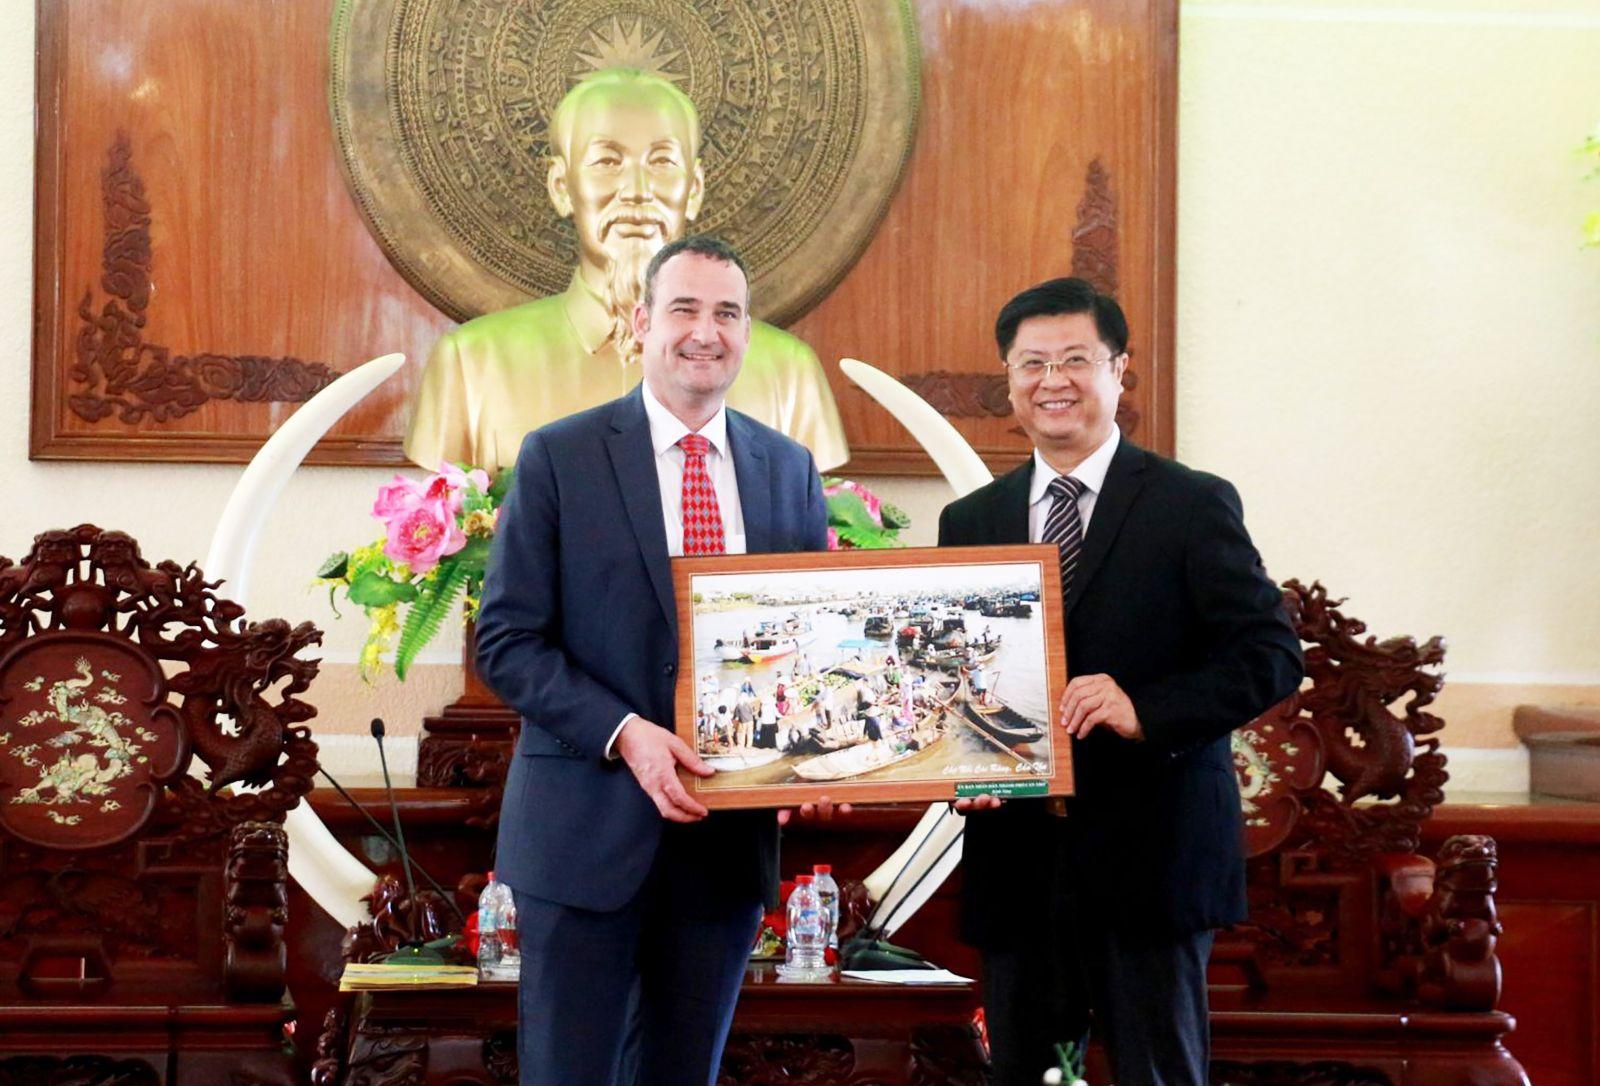 Phó Chủ tịch Trương Quang Hoài Nam tặng quà lưu niệm cho Tổng Lãnh sự Canada tại buổi tiếp. Ảnh: NAM HƯƠNG